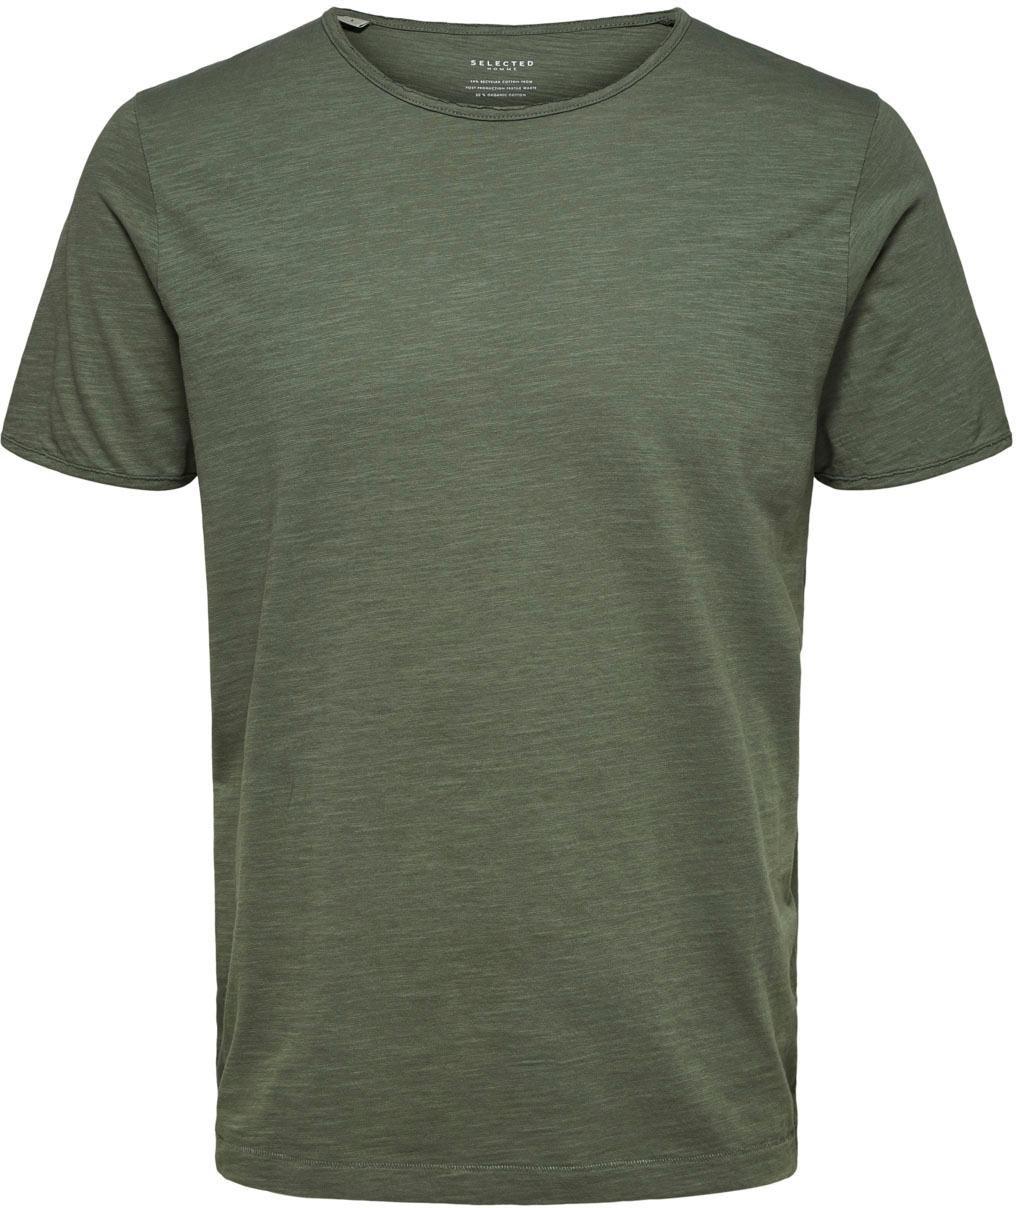 Selected Homme T-shirt »MORGAN O-NECK TEE« voordelig en veilig online kopen